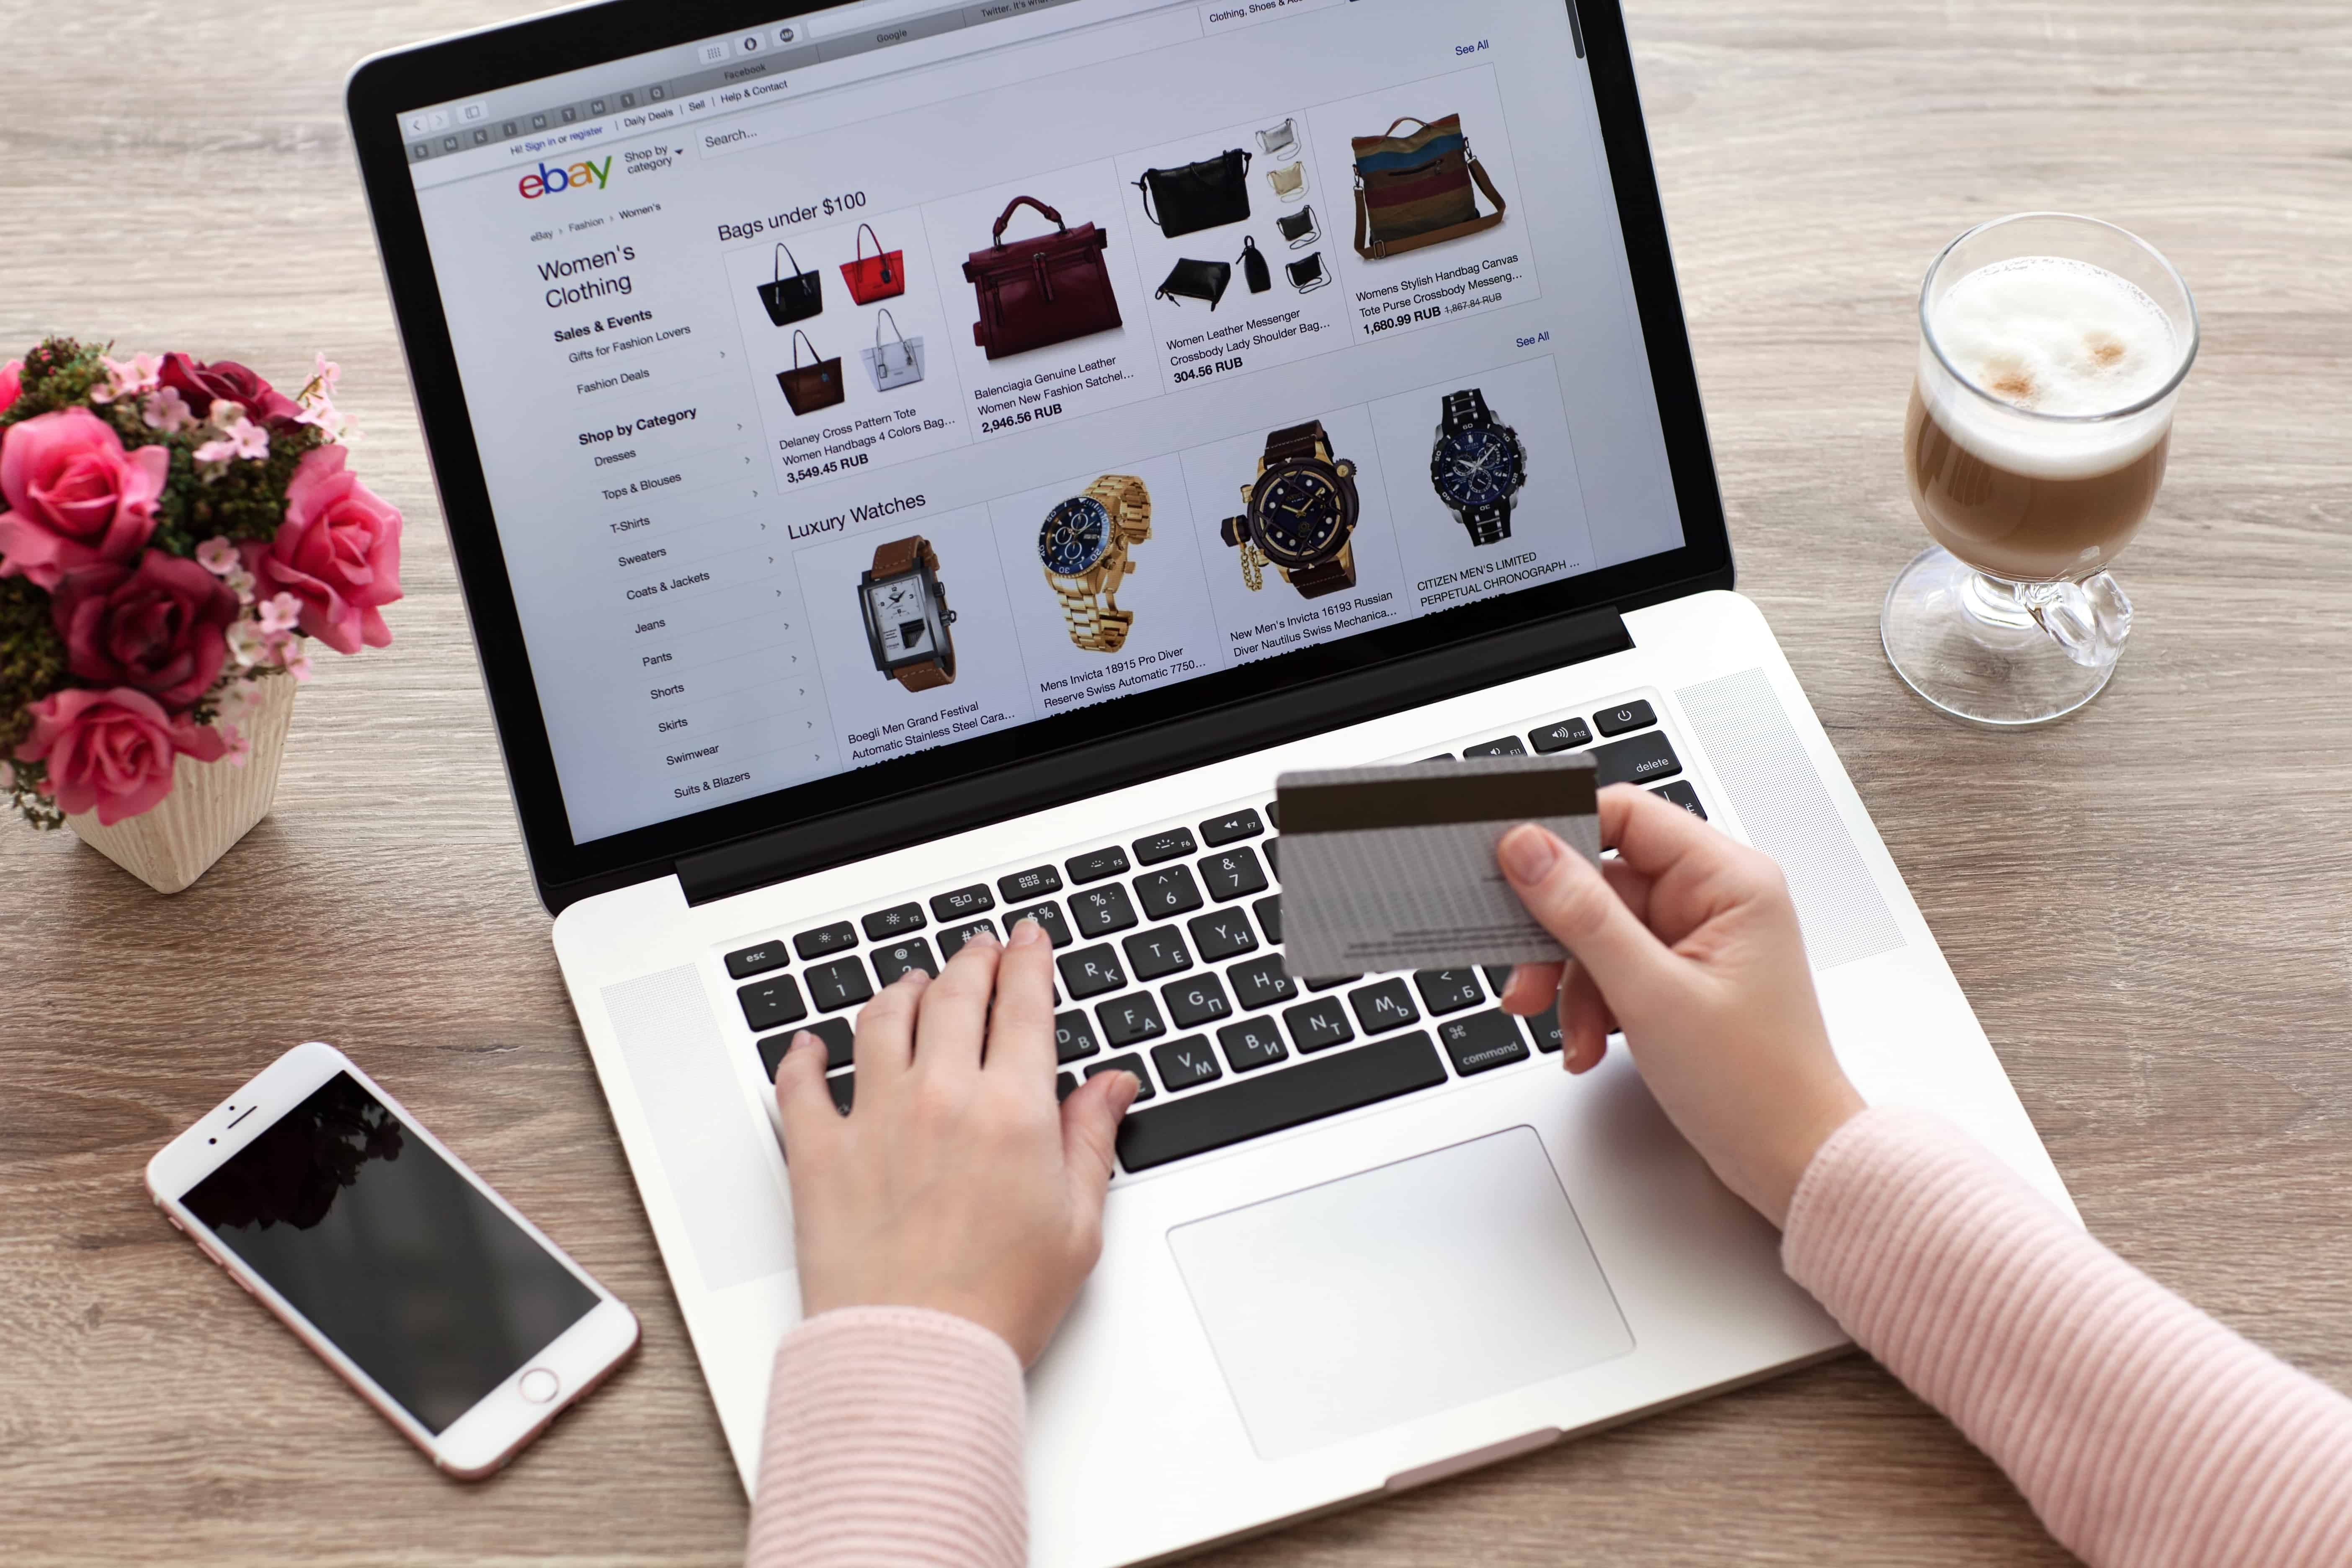 ebay shopping, ebay facts